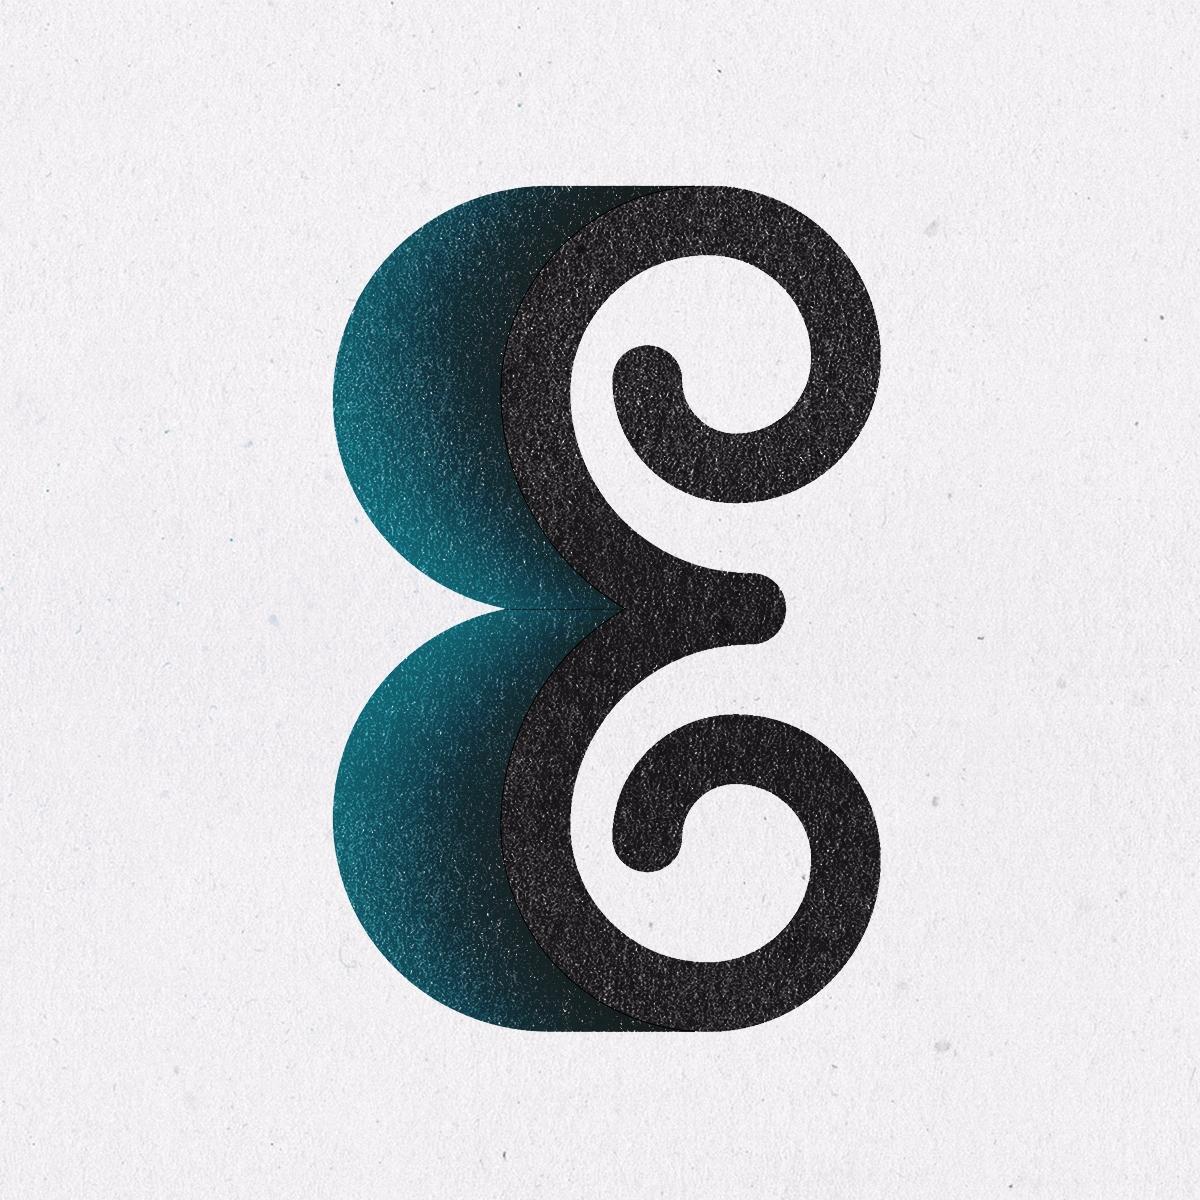 Explore - 36days_e, 36daysoftype04 - llanwafu | ello